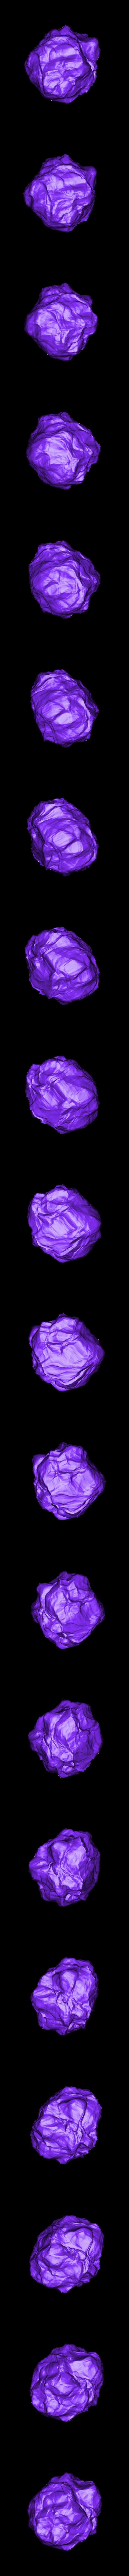 rock_SubTool12.stl Télécharger fichier STL gratuit Roches pour le wargame (collection de 18 roches haute résolution) • Design pour impression 3D, BREXIT